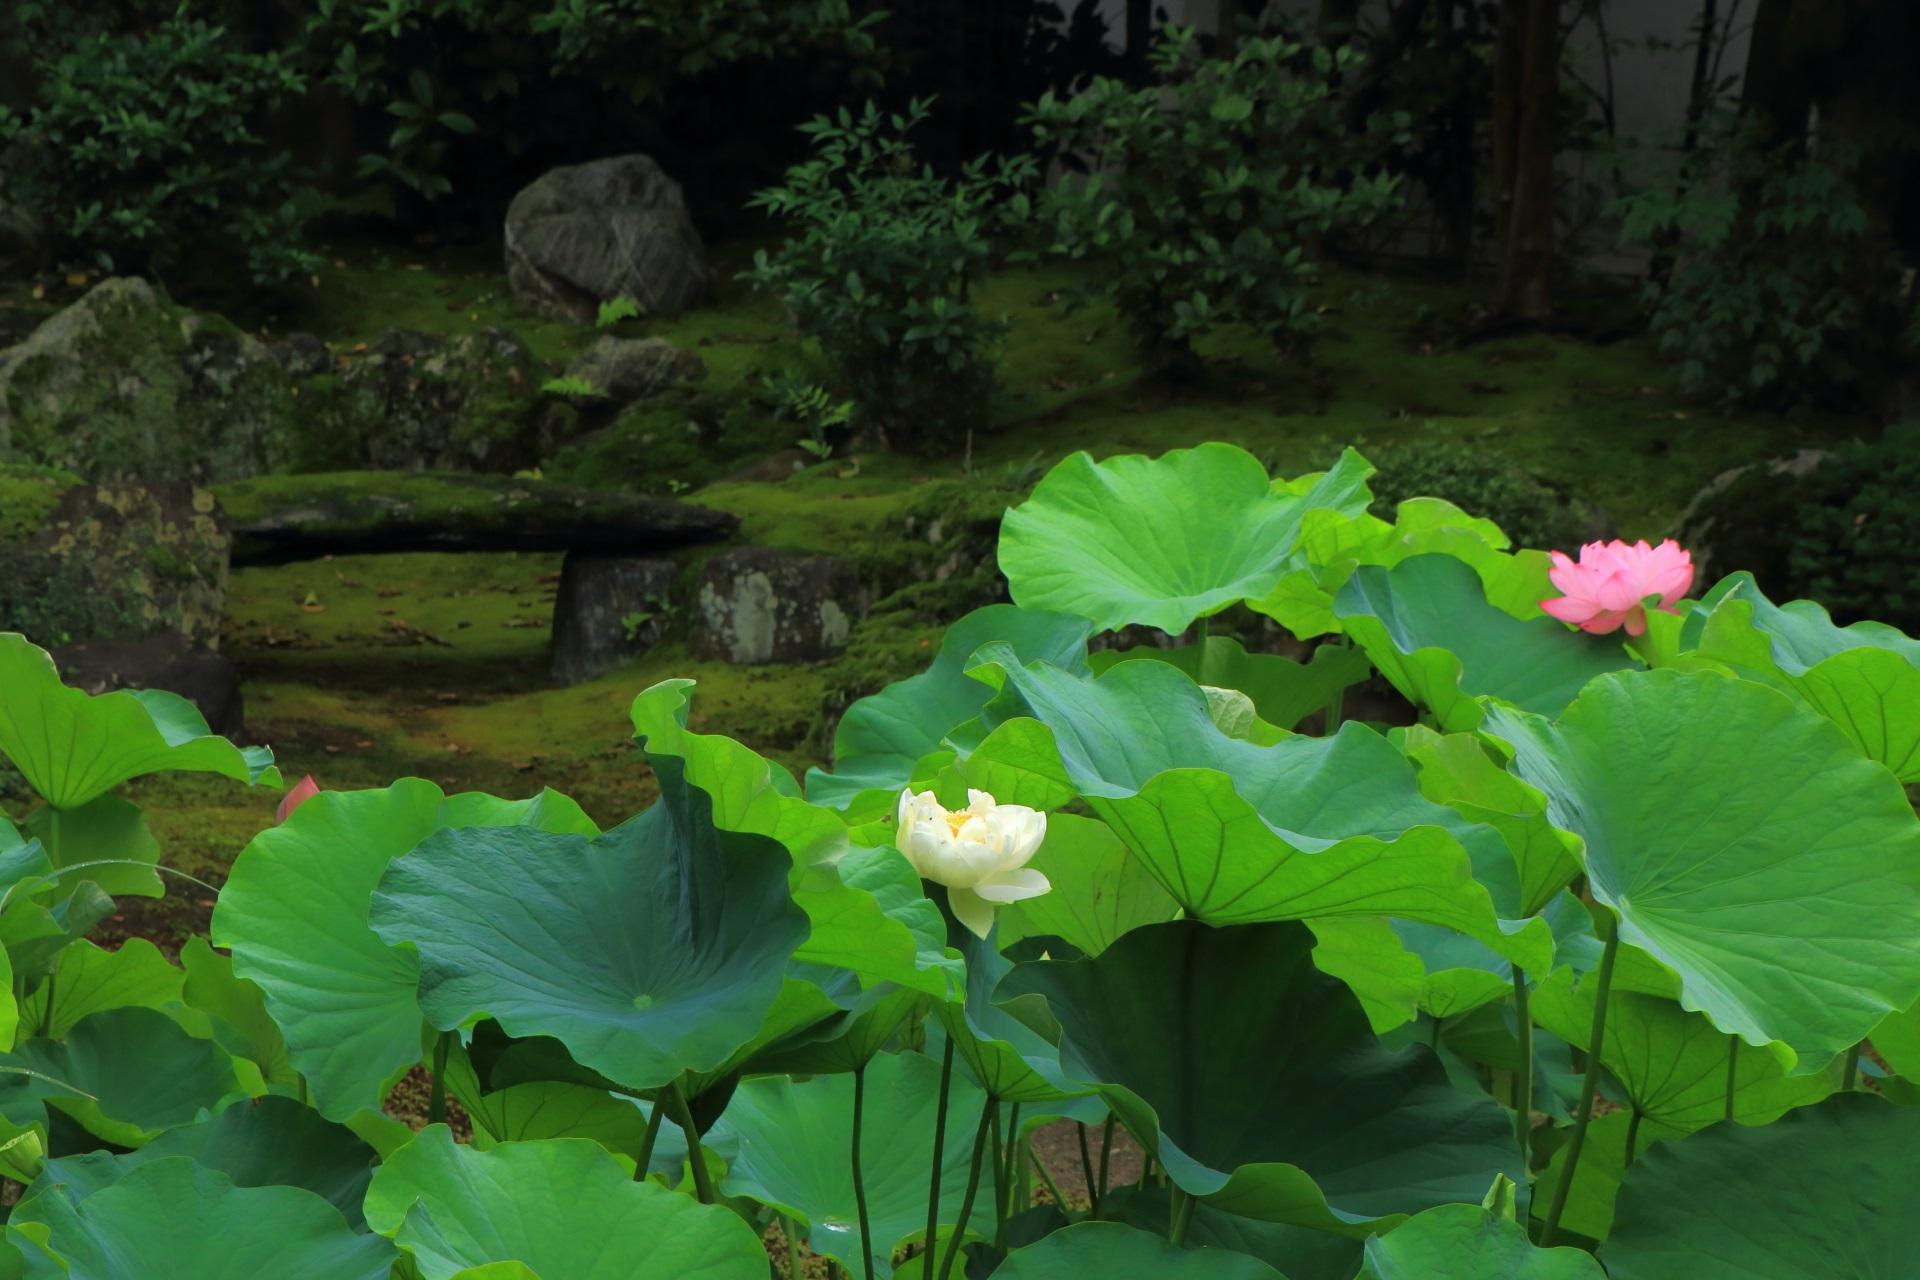 本法寺の華やかでおめでたい色合いの紅白の蓮の花